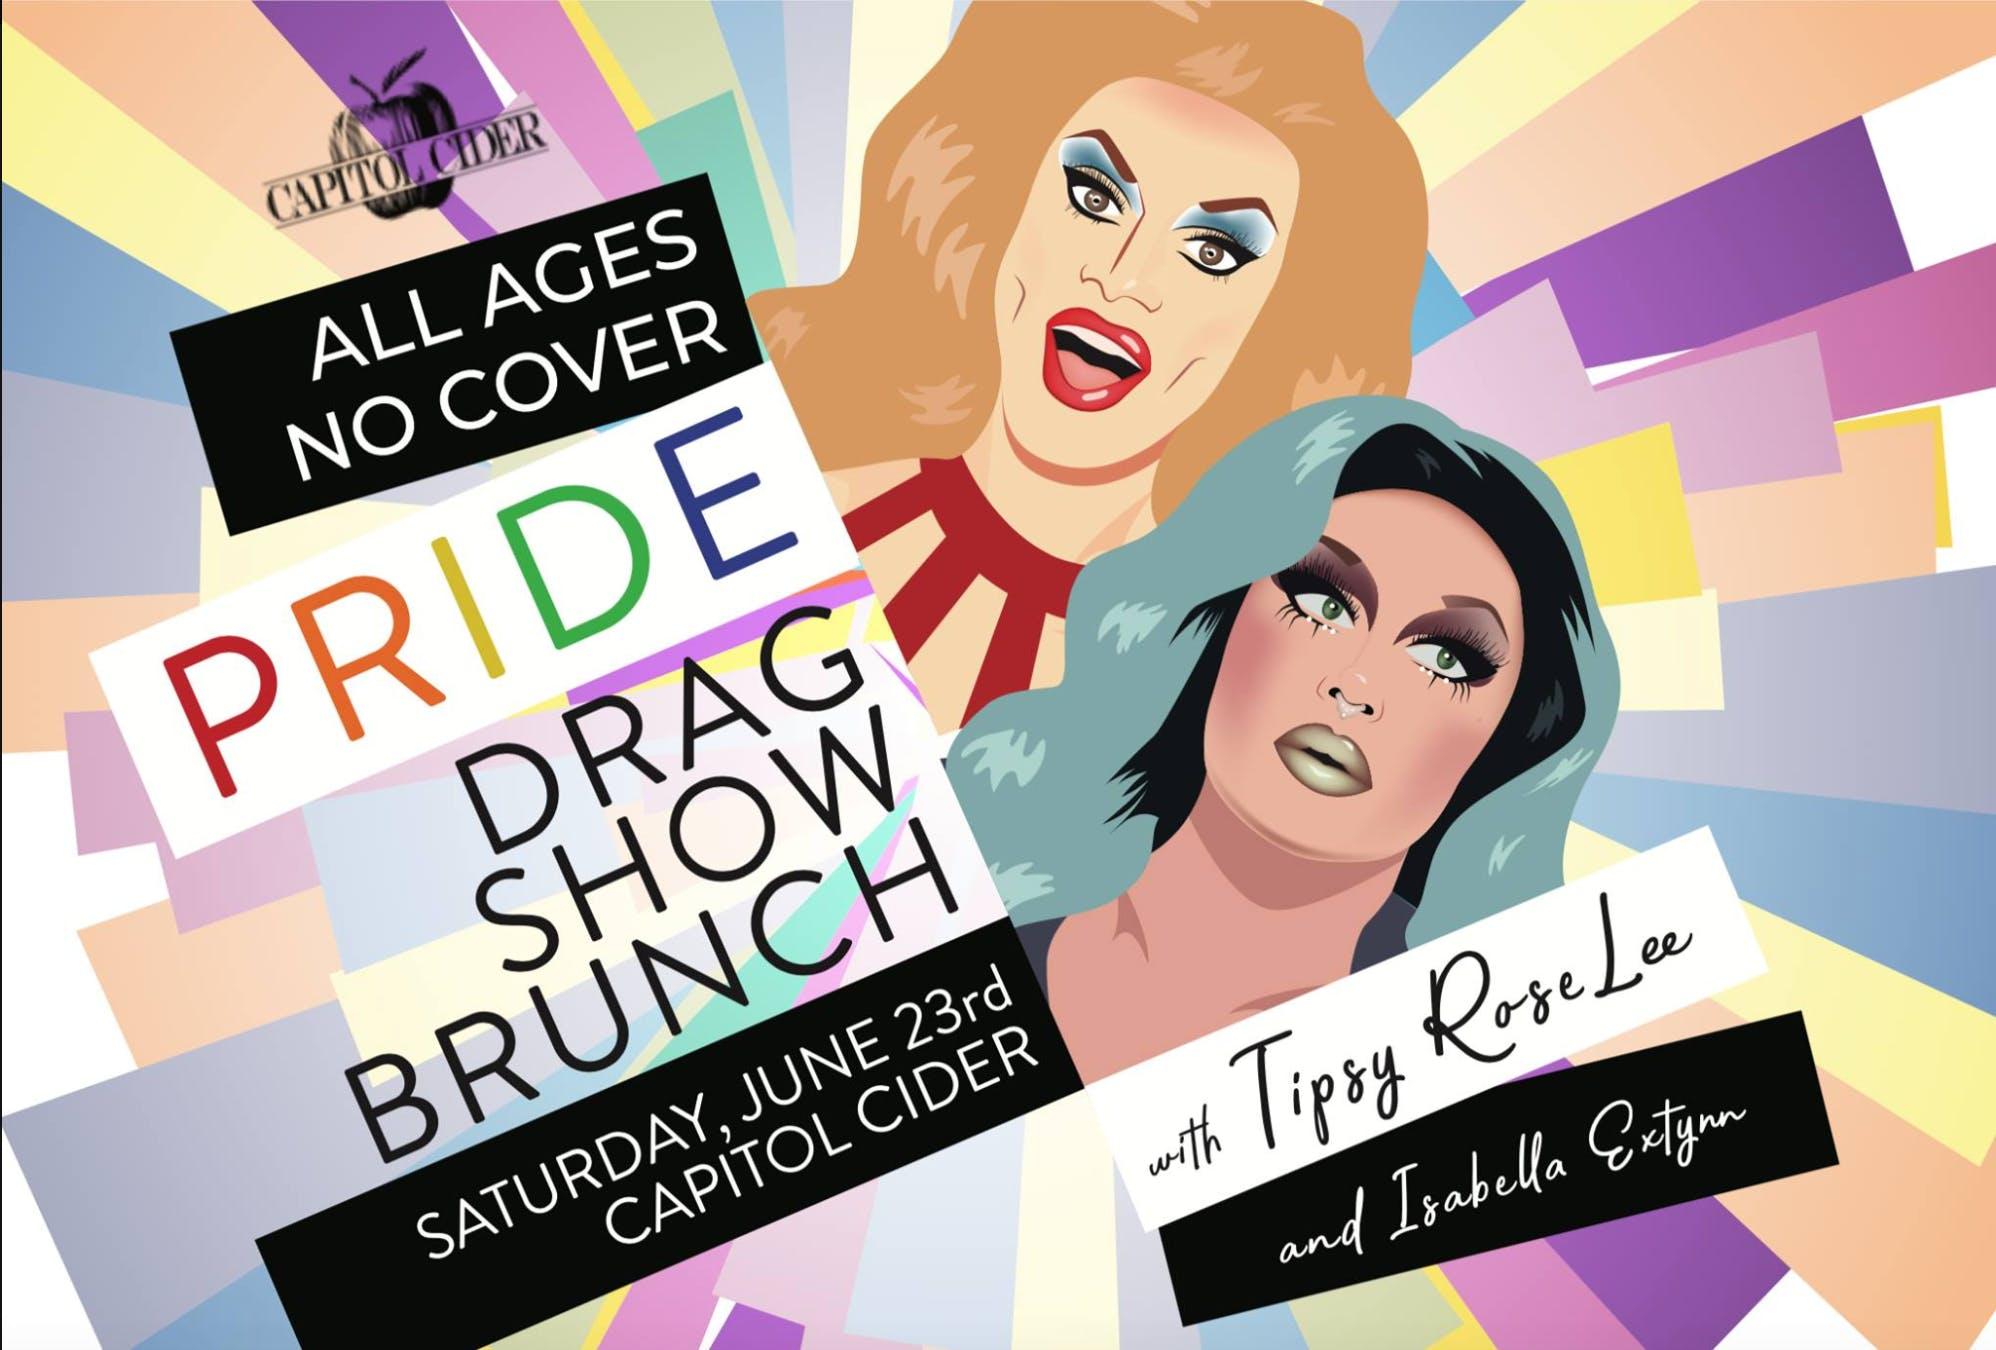 ALL AGES Pride Drag Brunch